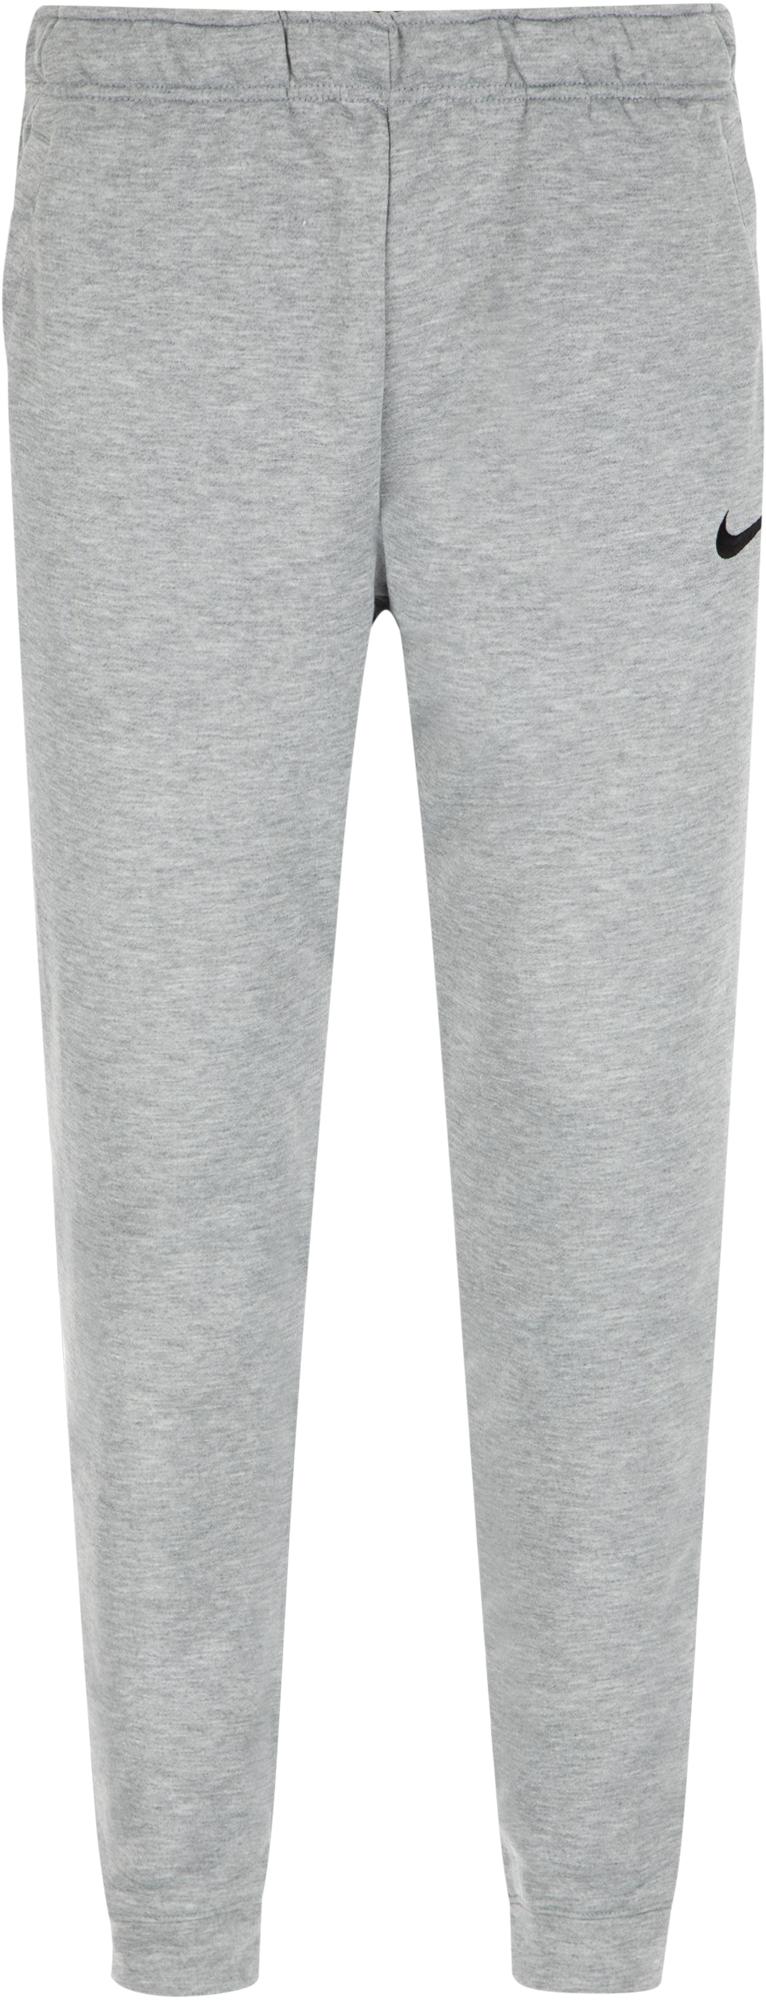 Nike Брюки мужские Dry, размер 54-56